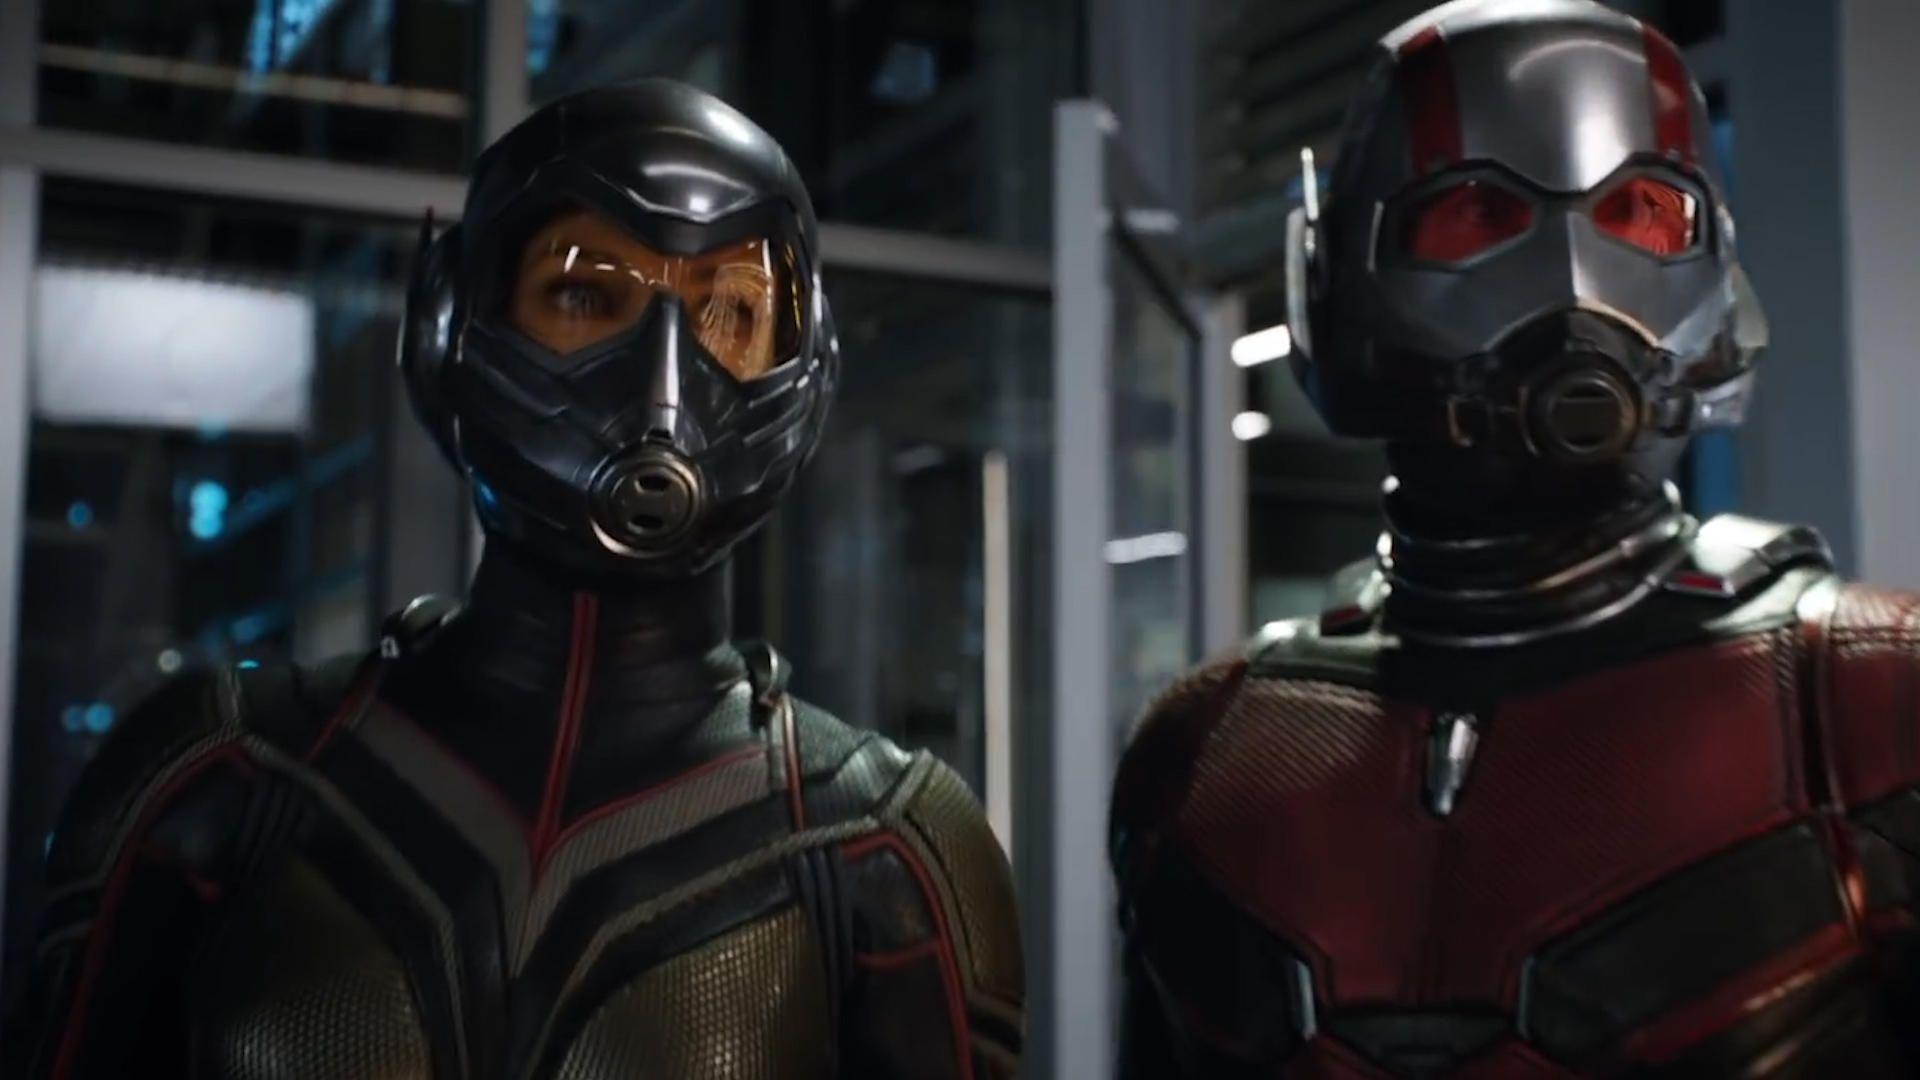 Homem-Formiga 3 | Terceiro filme do herói é confirmado